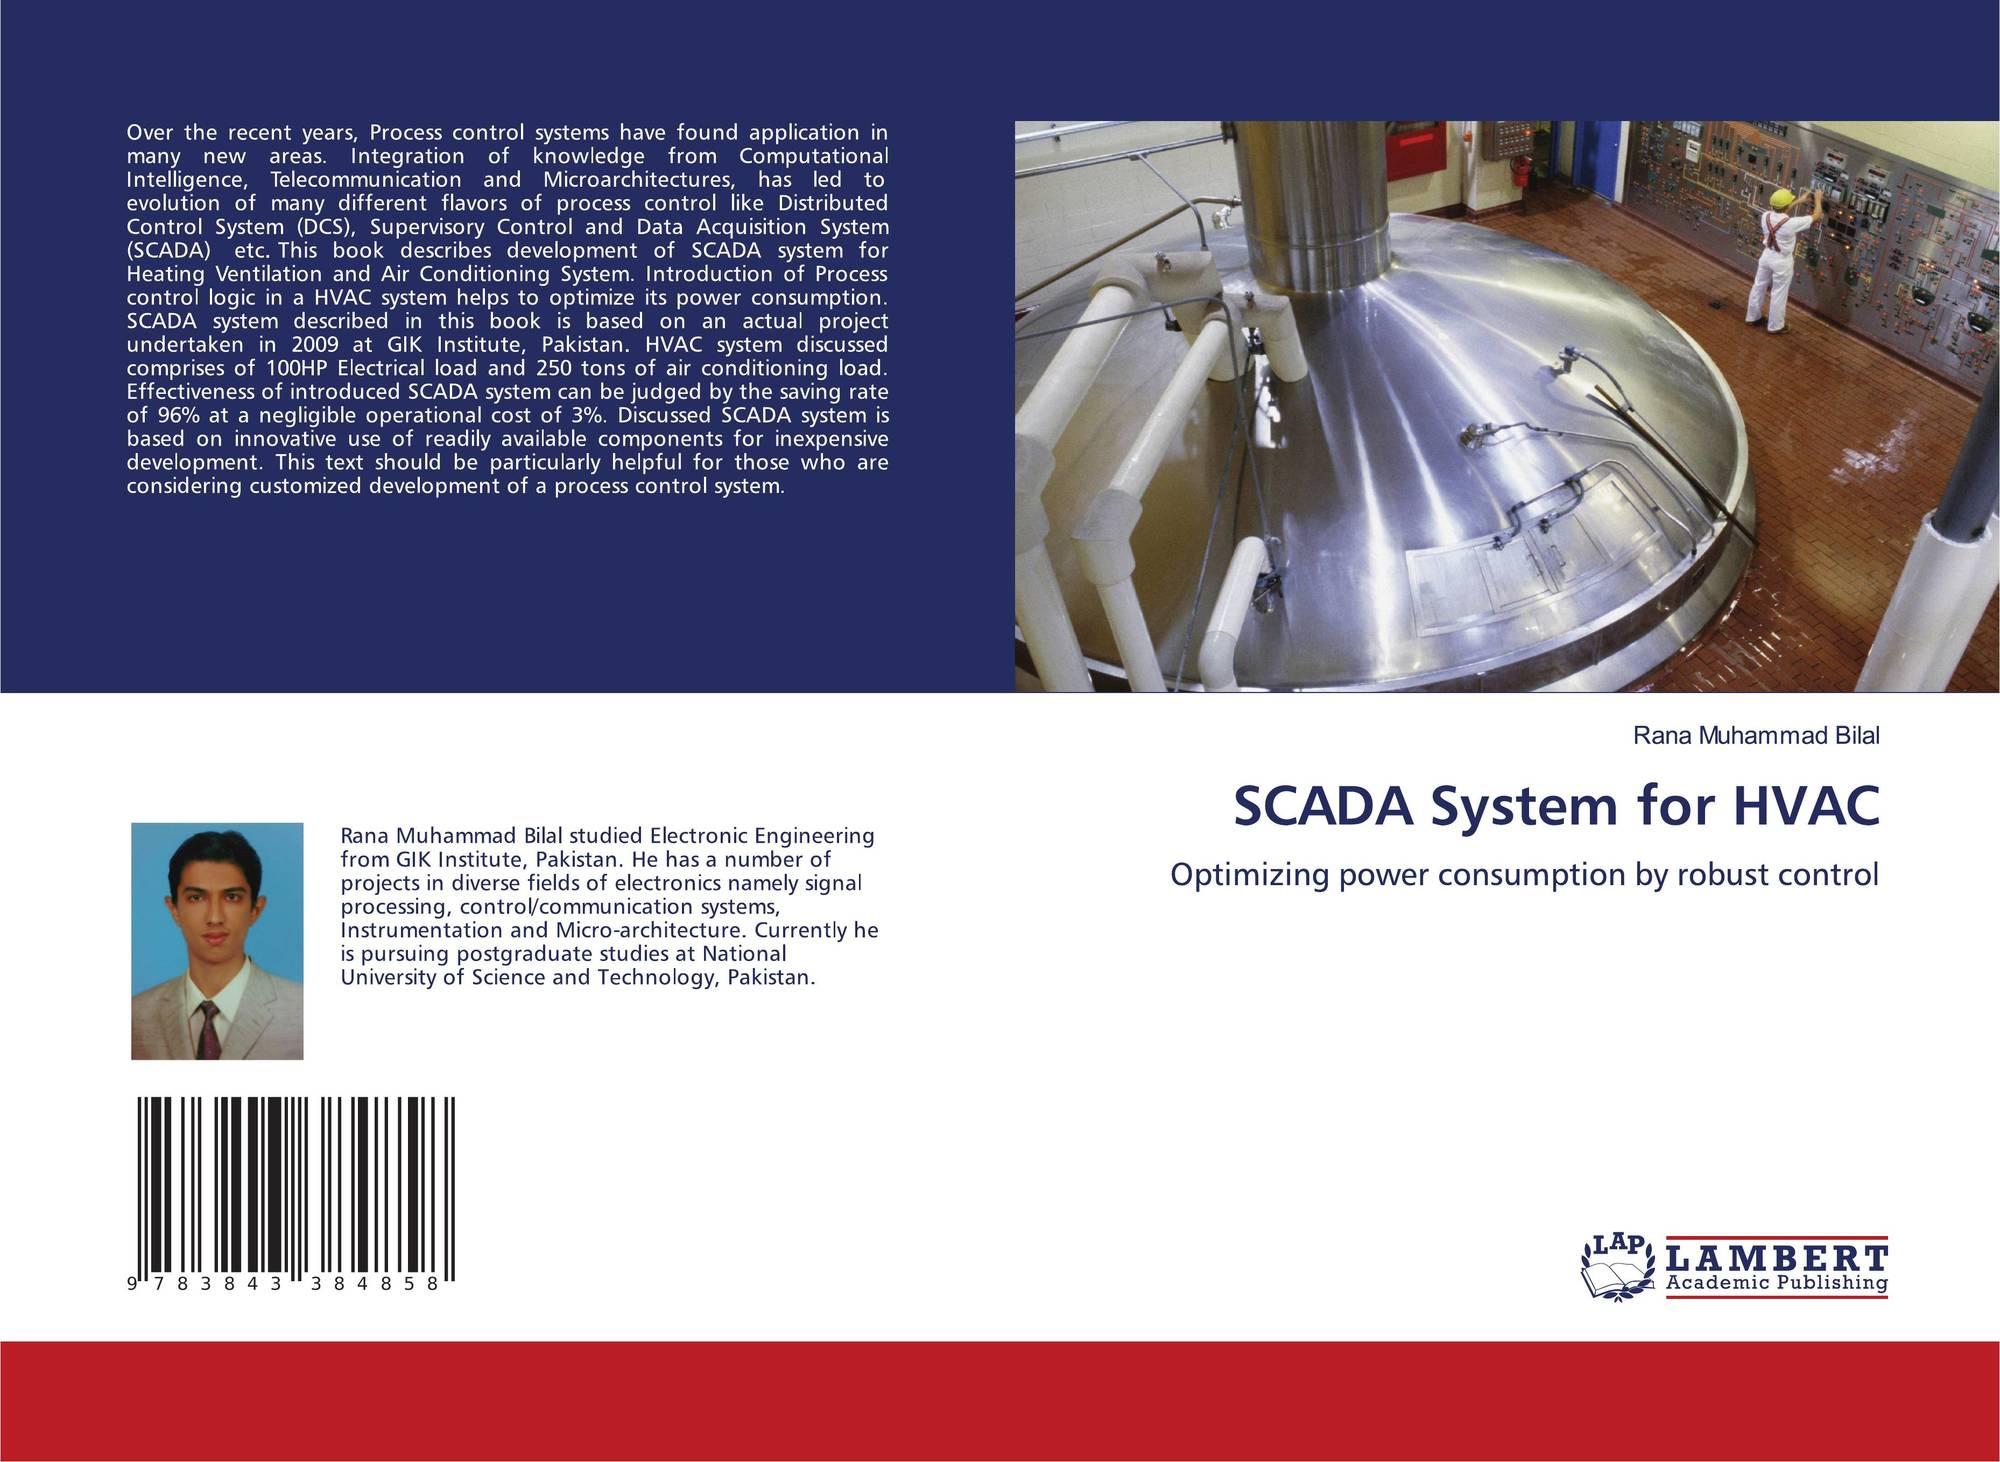 Scada System For Hvac 978 3 8433 8485 8 3843384851 9783843384858 Power Draw